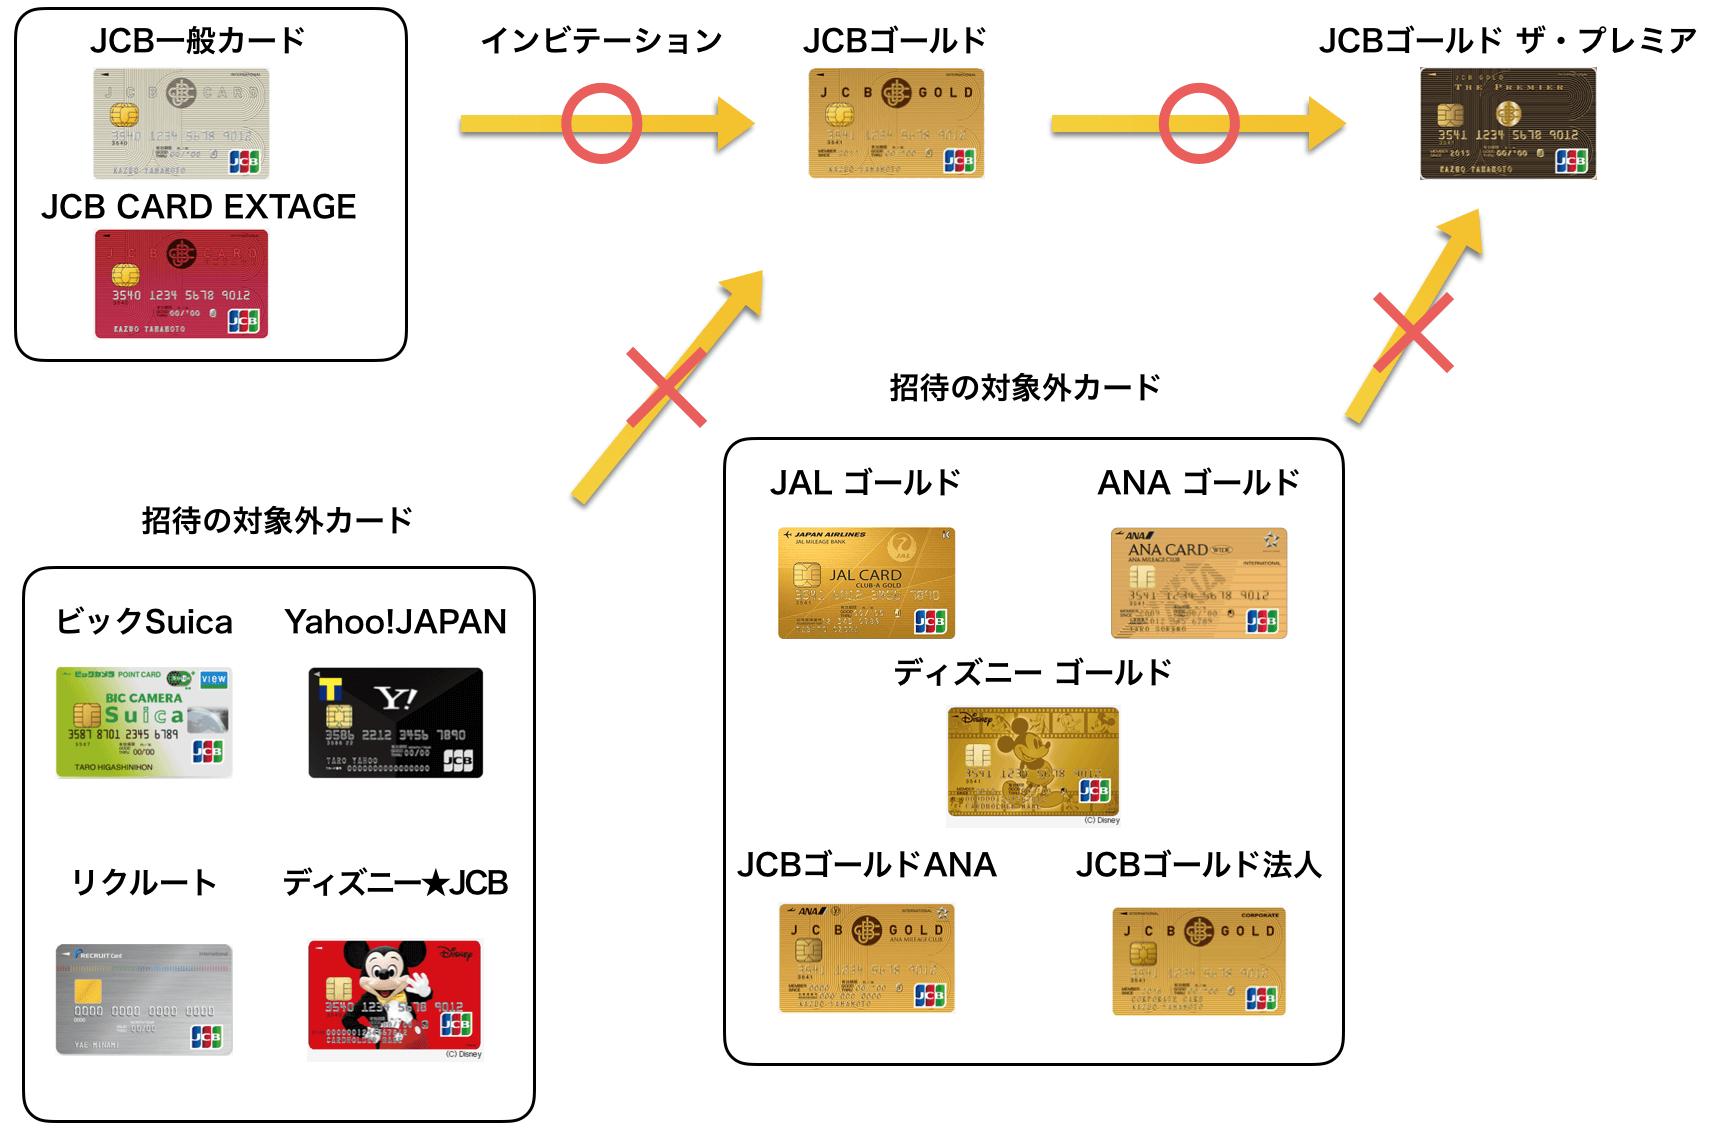 ゴールドカード インビテーション JCB1